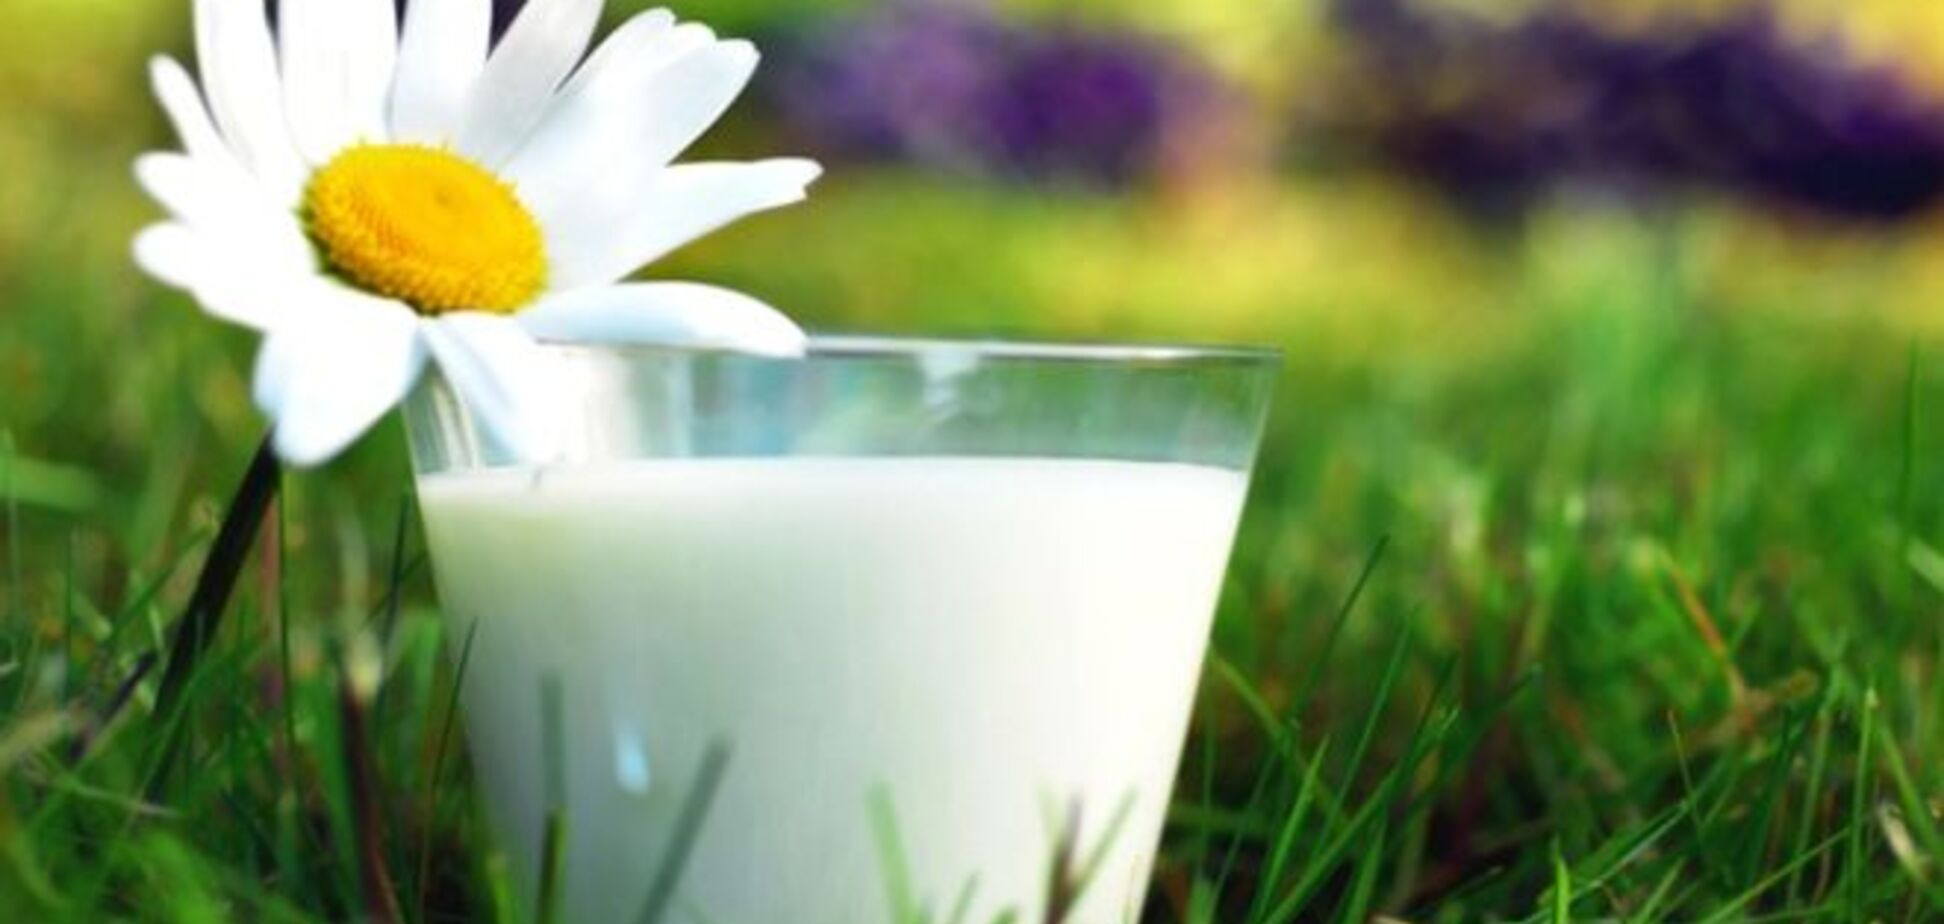 В Україні найдорожче молоко у світі. Але стане ще дорожче